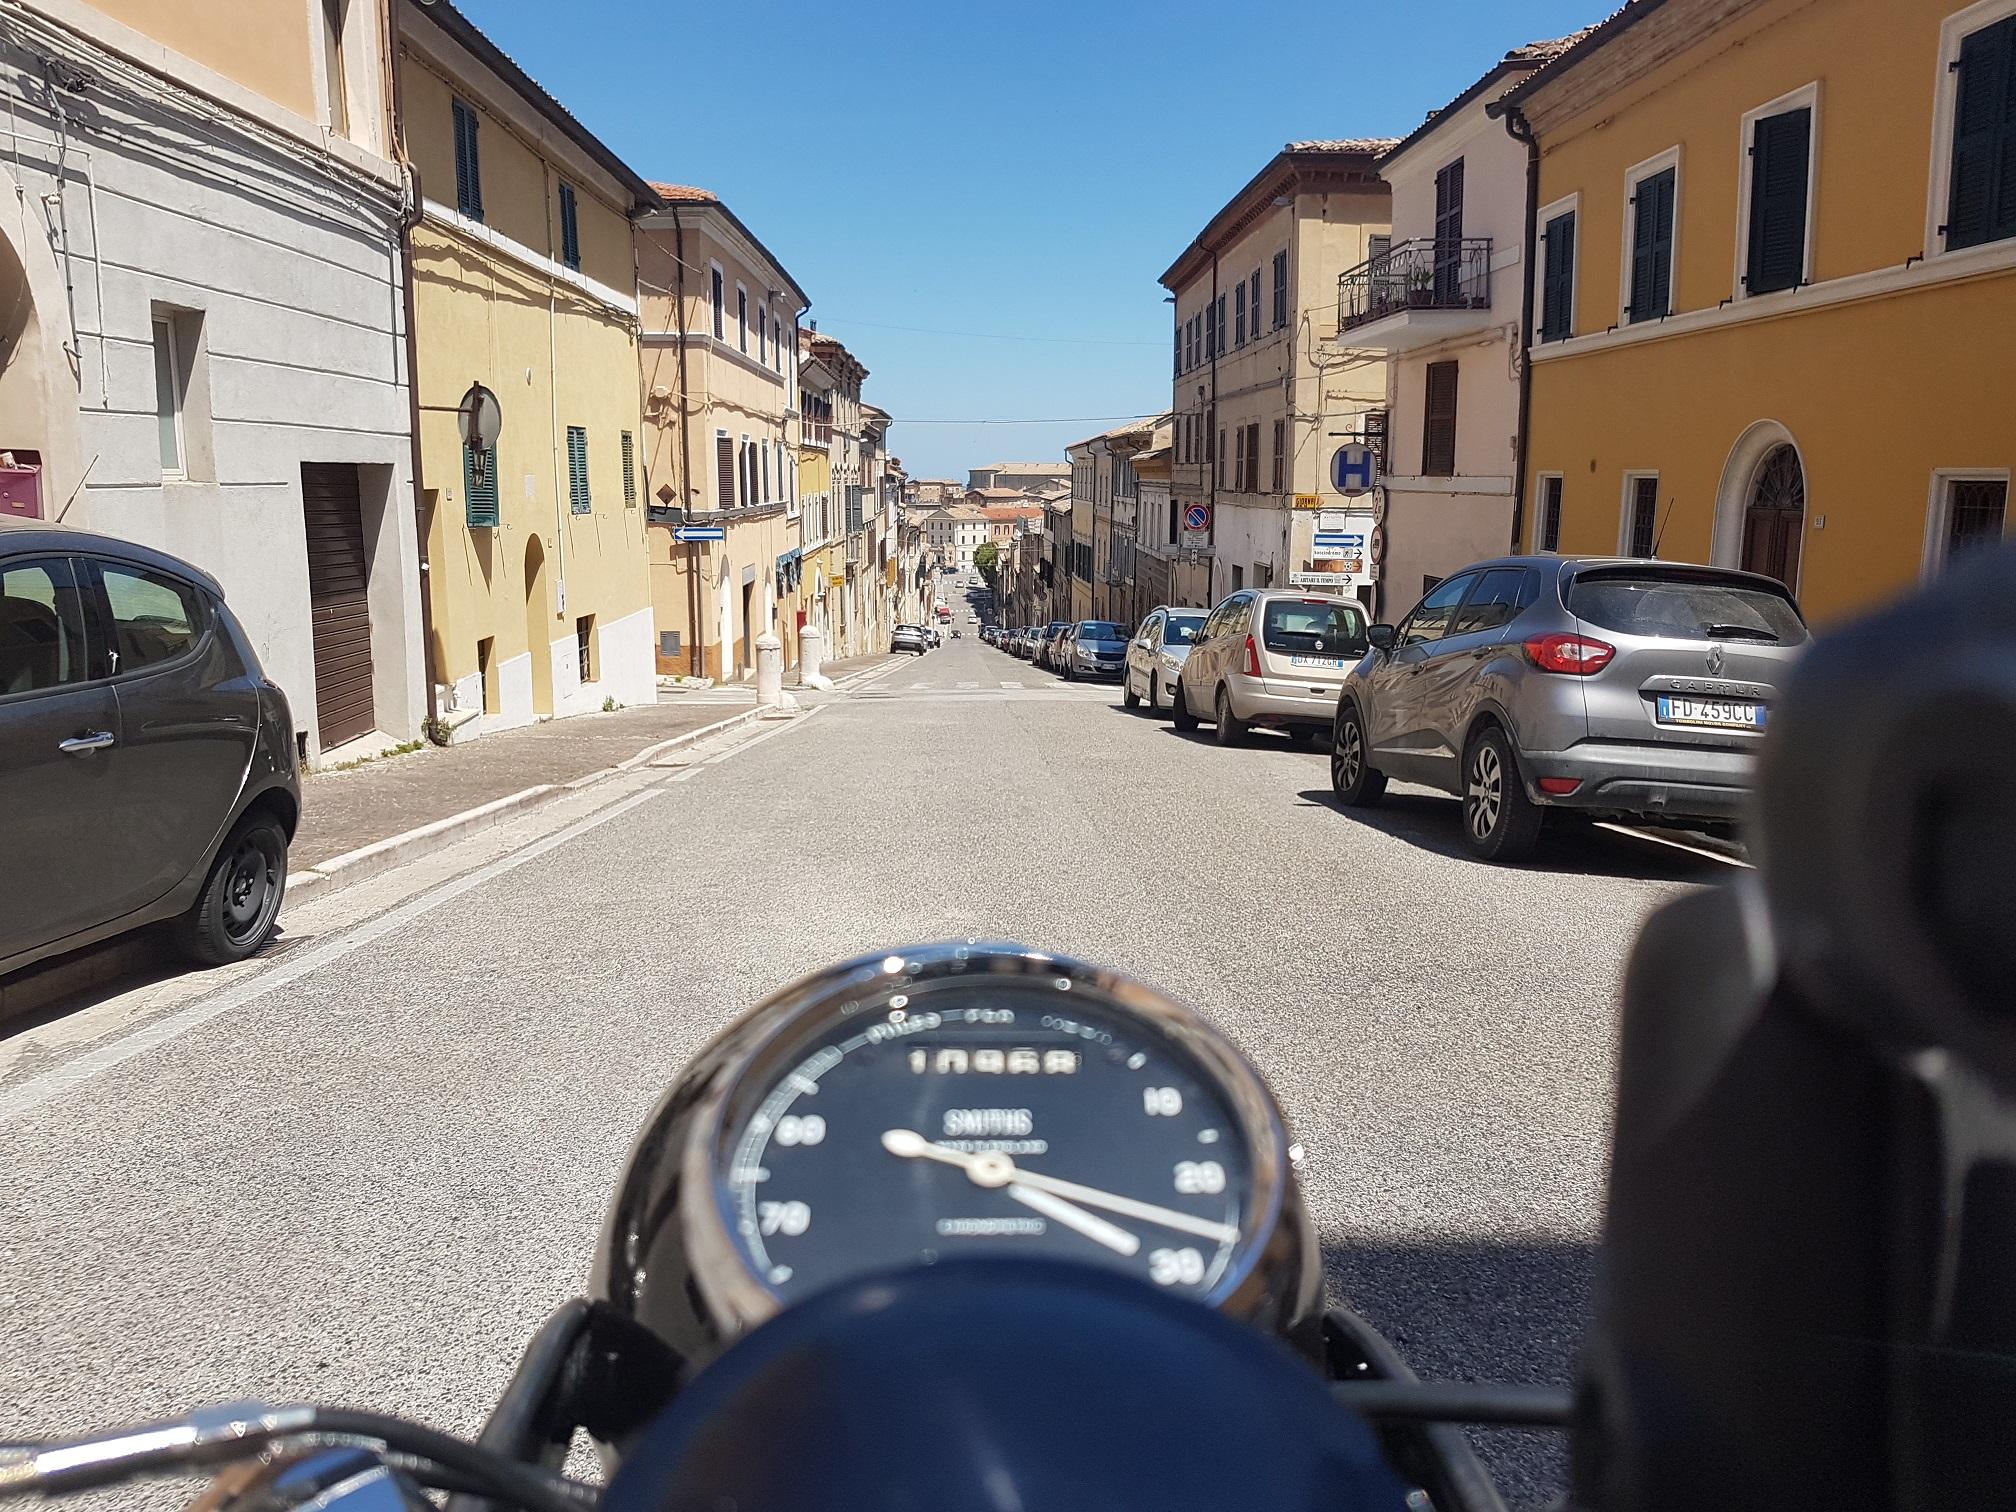 On the bike - small jpeg.jpg